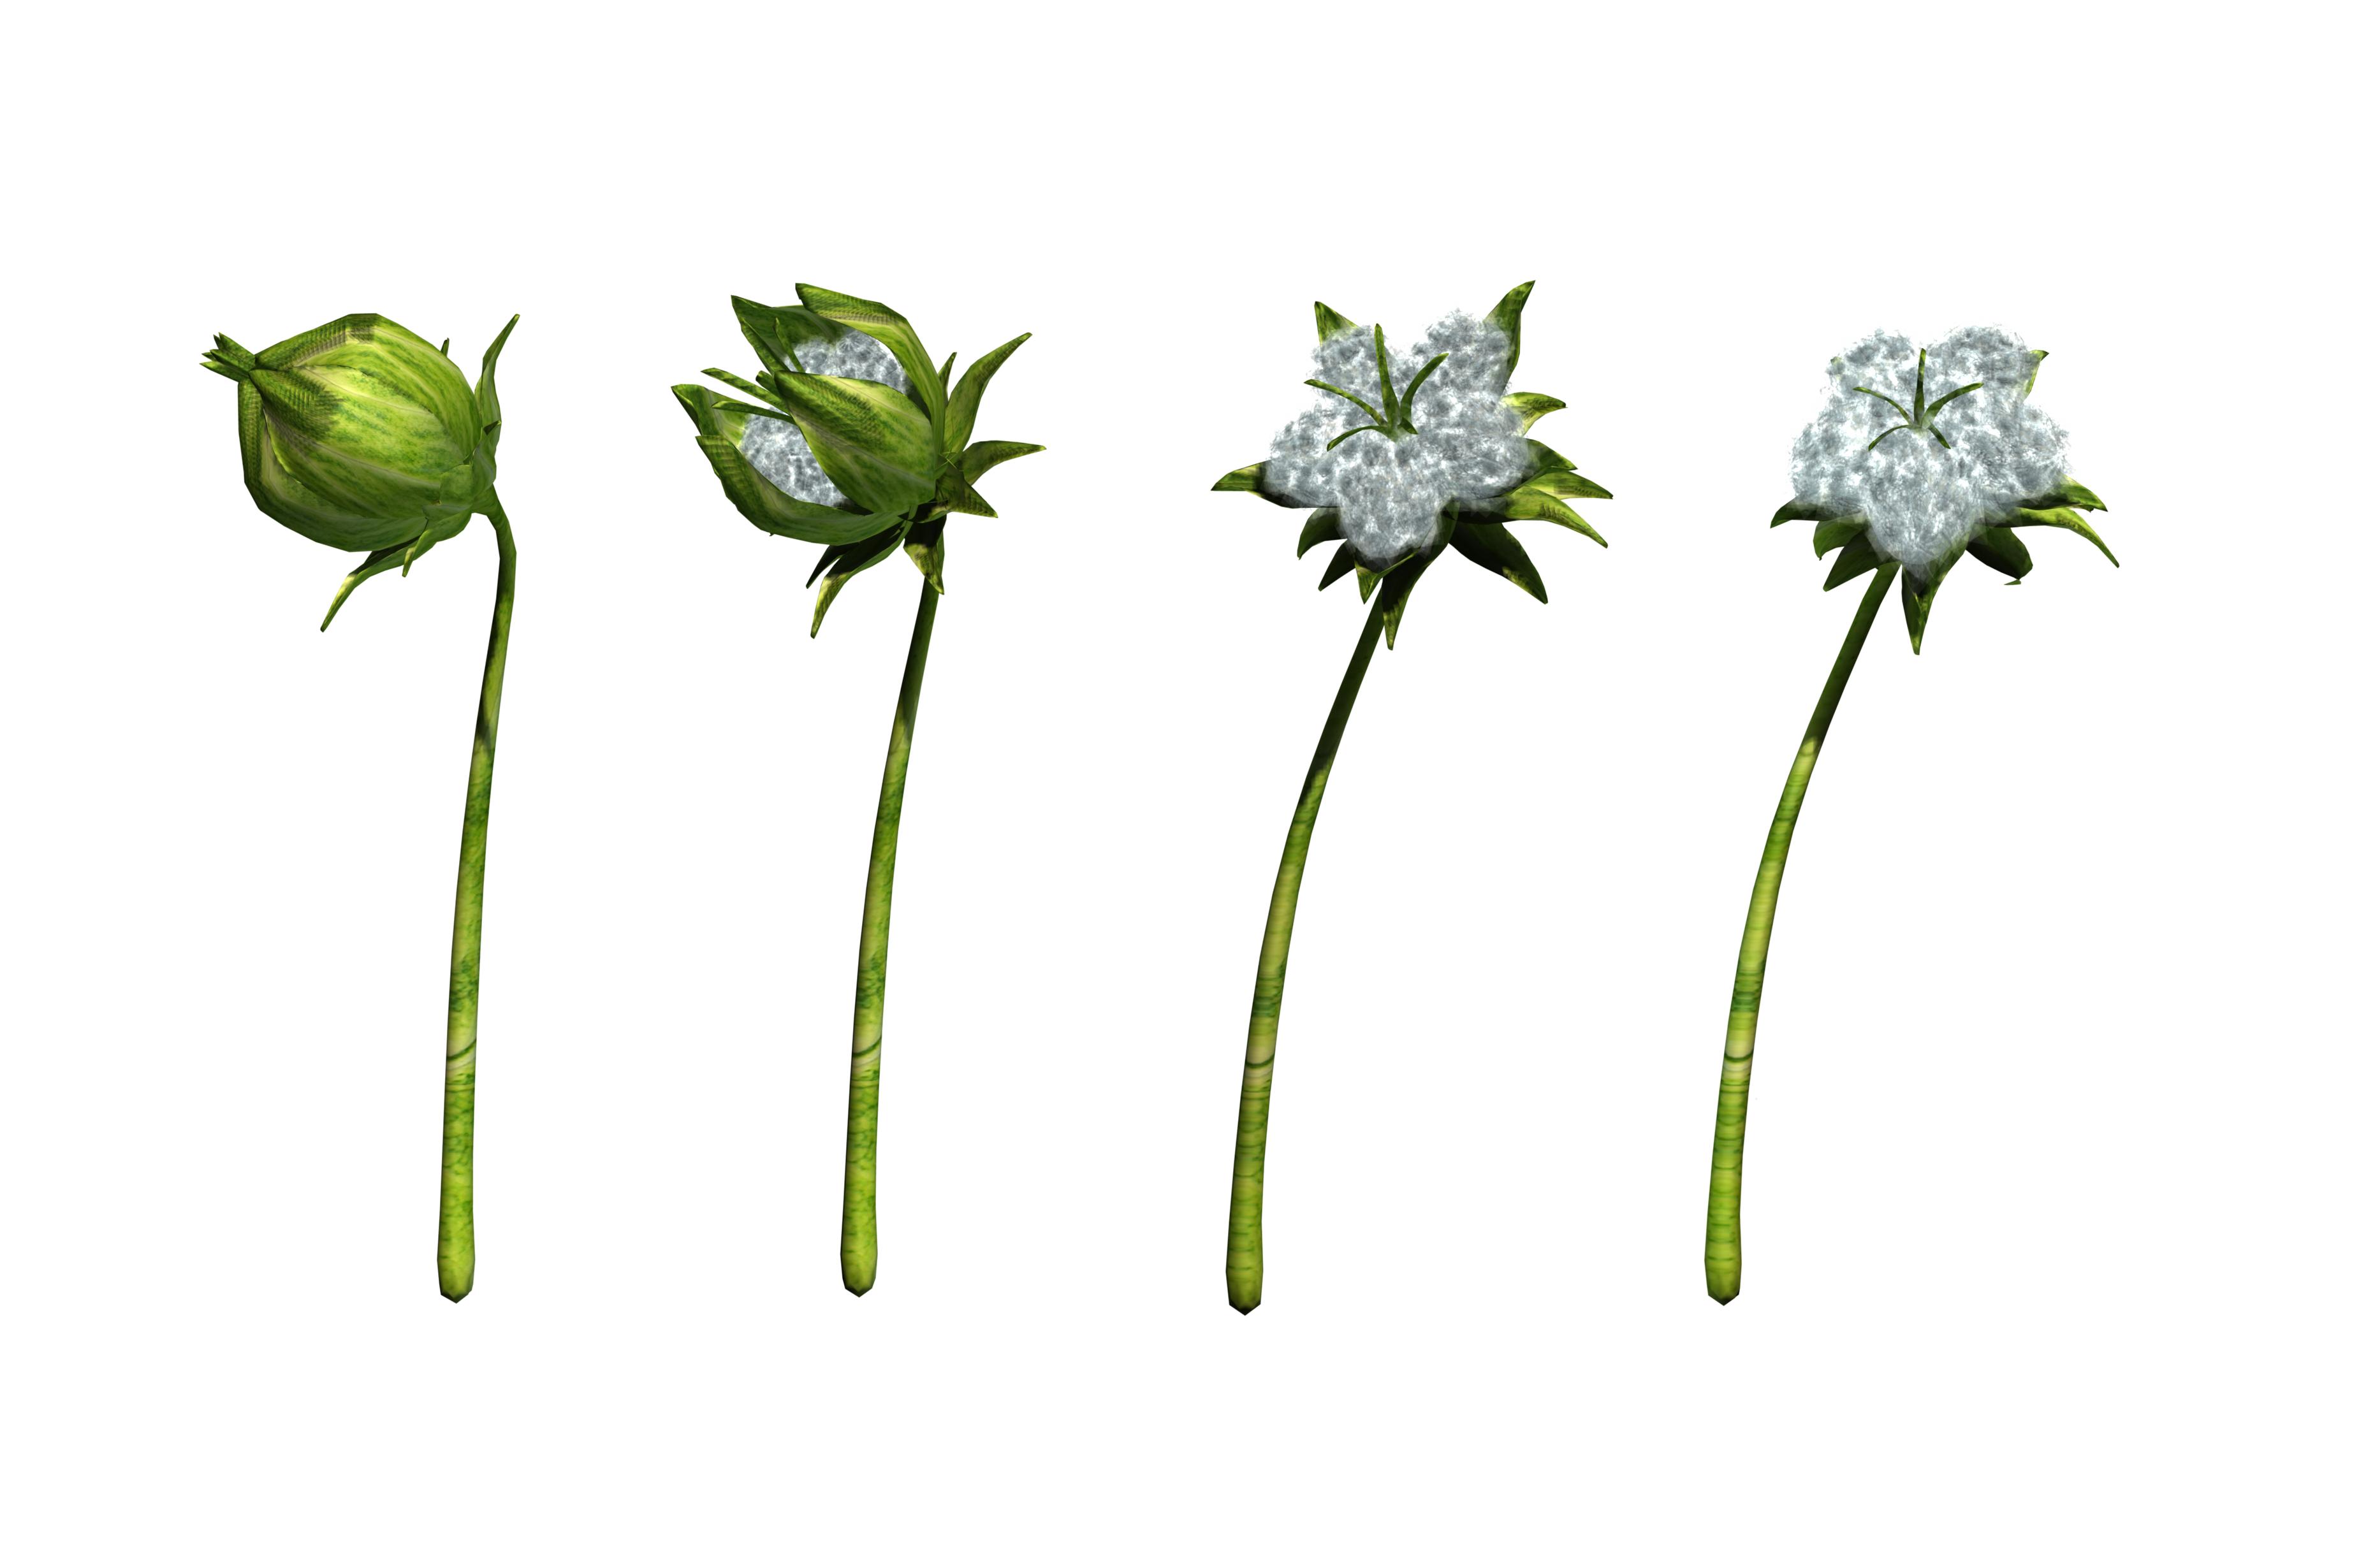 Png transparent images all. Cotton clipart cotton stem